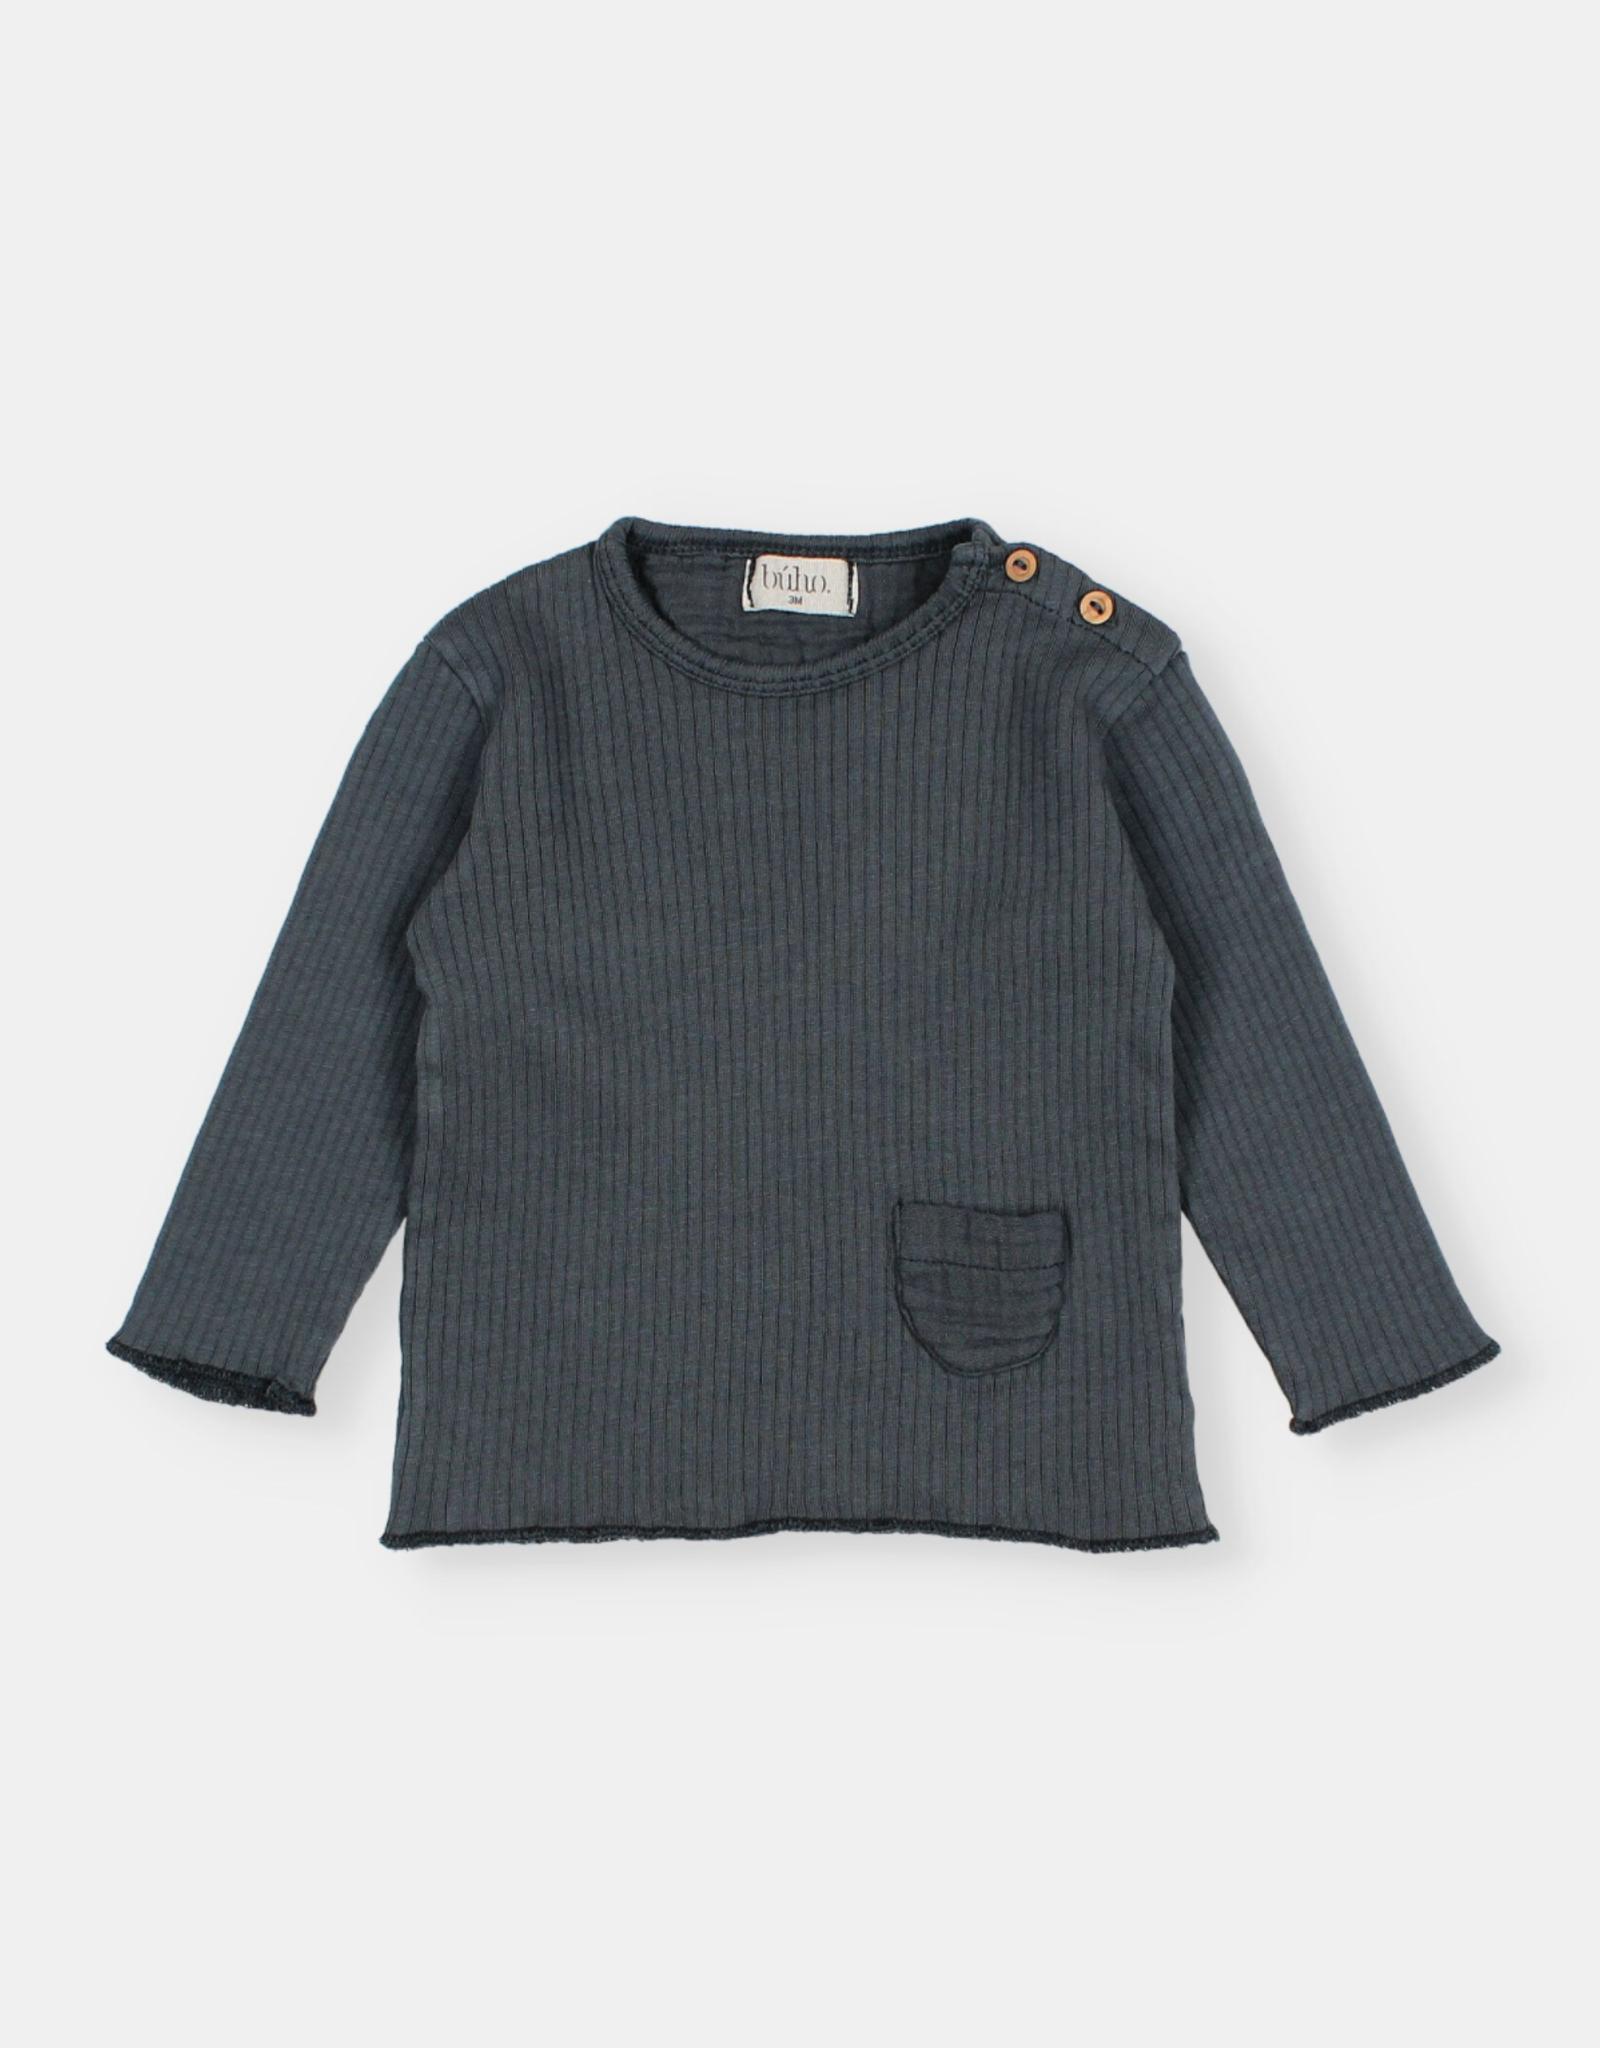 Buho Baby Soft Rib Paris T-shirt